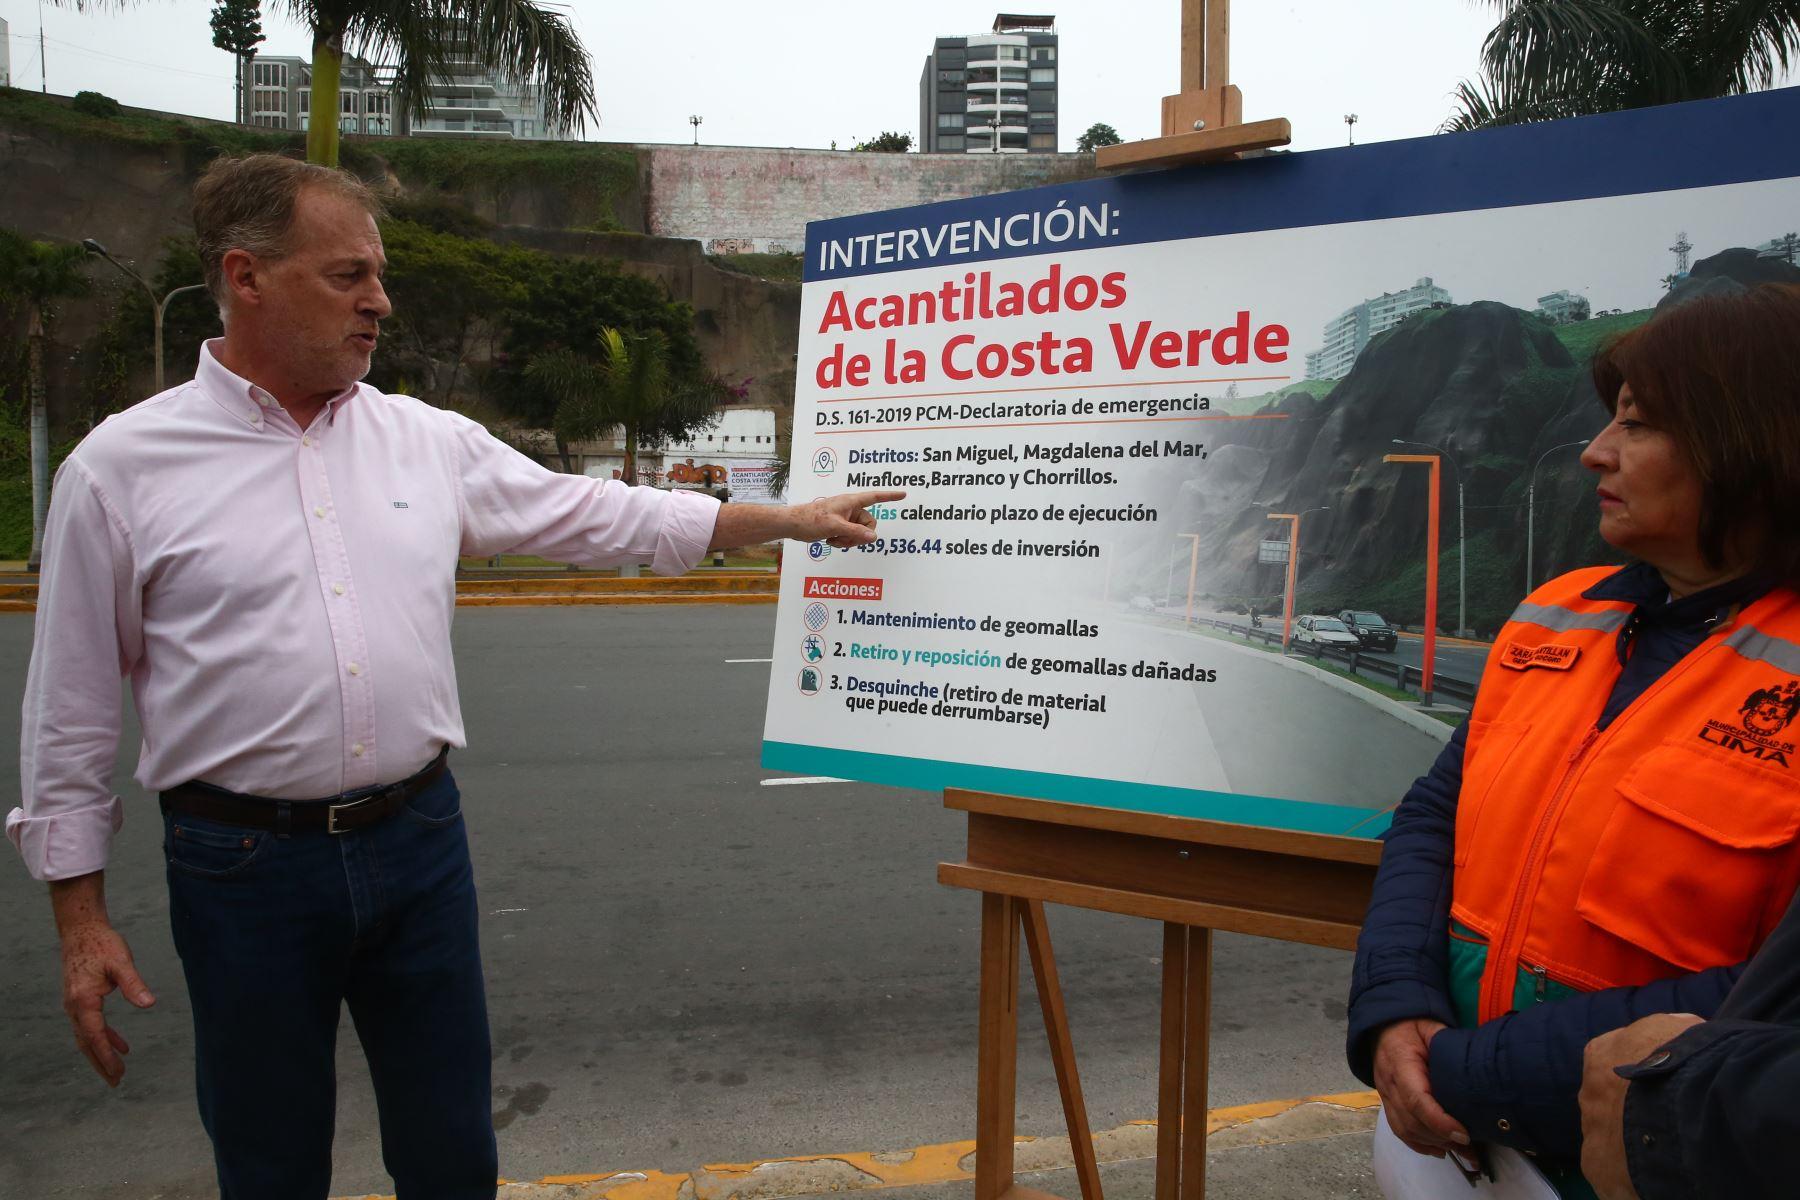 Alcalde de Lima, Jorge Muñoz supervisa el inicio de intervención en acantilados de la Costa Verde. Foto: ANDINA/Melina Mejía